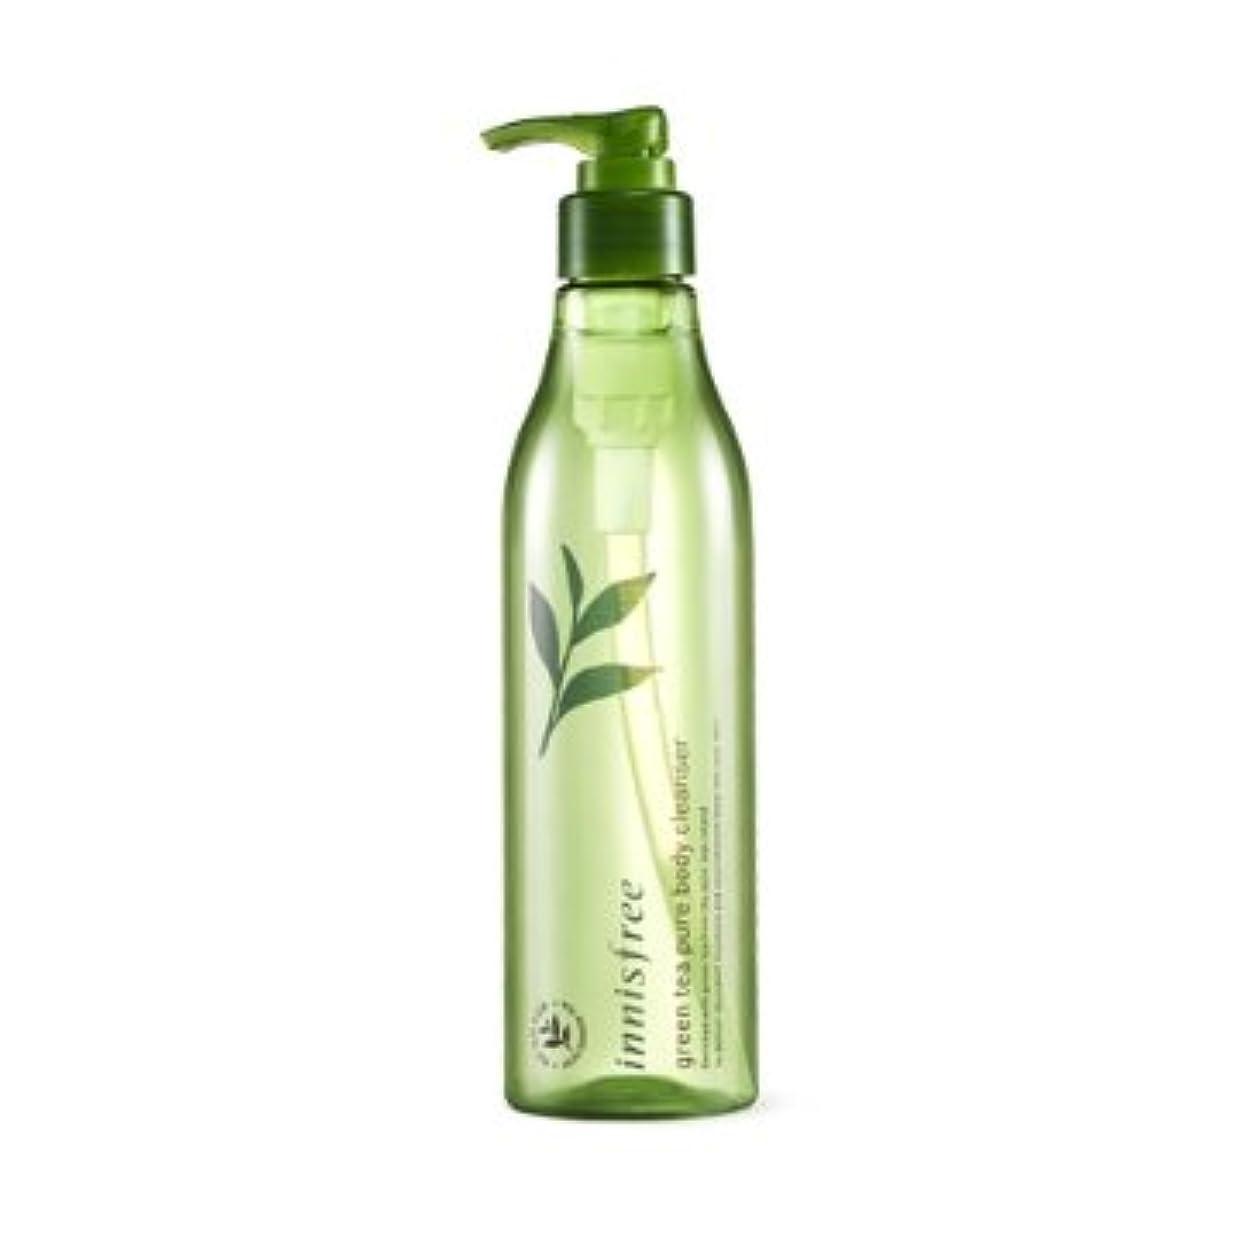 はっきりしない不運極貧【イニスフリー】Innisfree green tea pure body cleanser - 300ml (韓国直送品) (SHOPPINGINSTAGRAM)